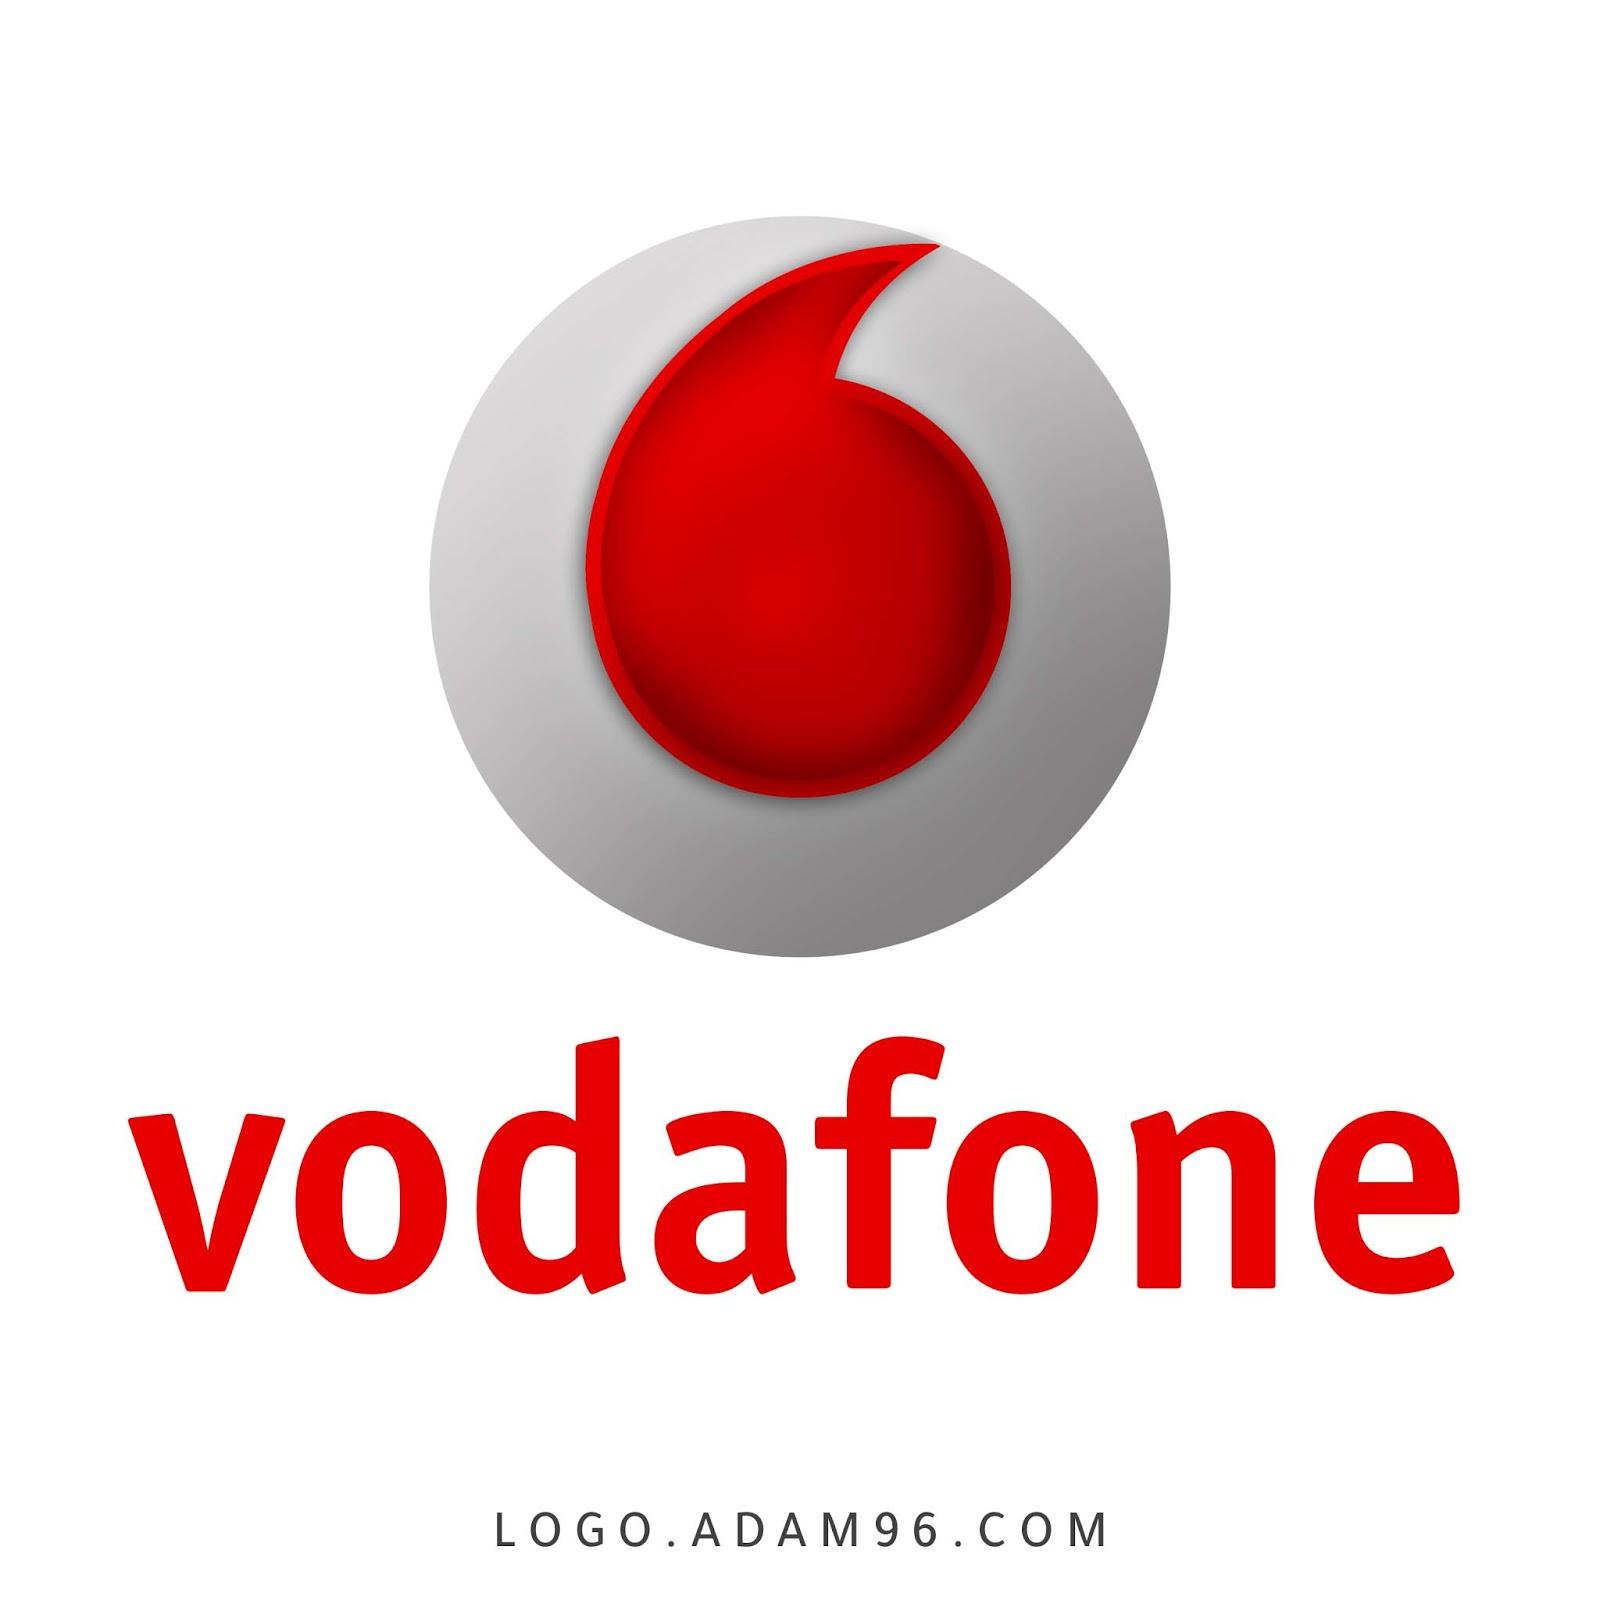 تحميل شعار فودافون | Vodafone